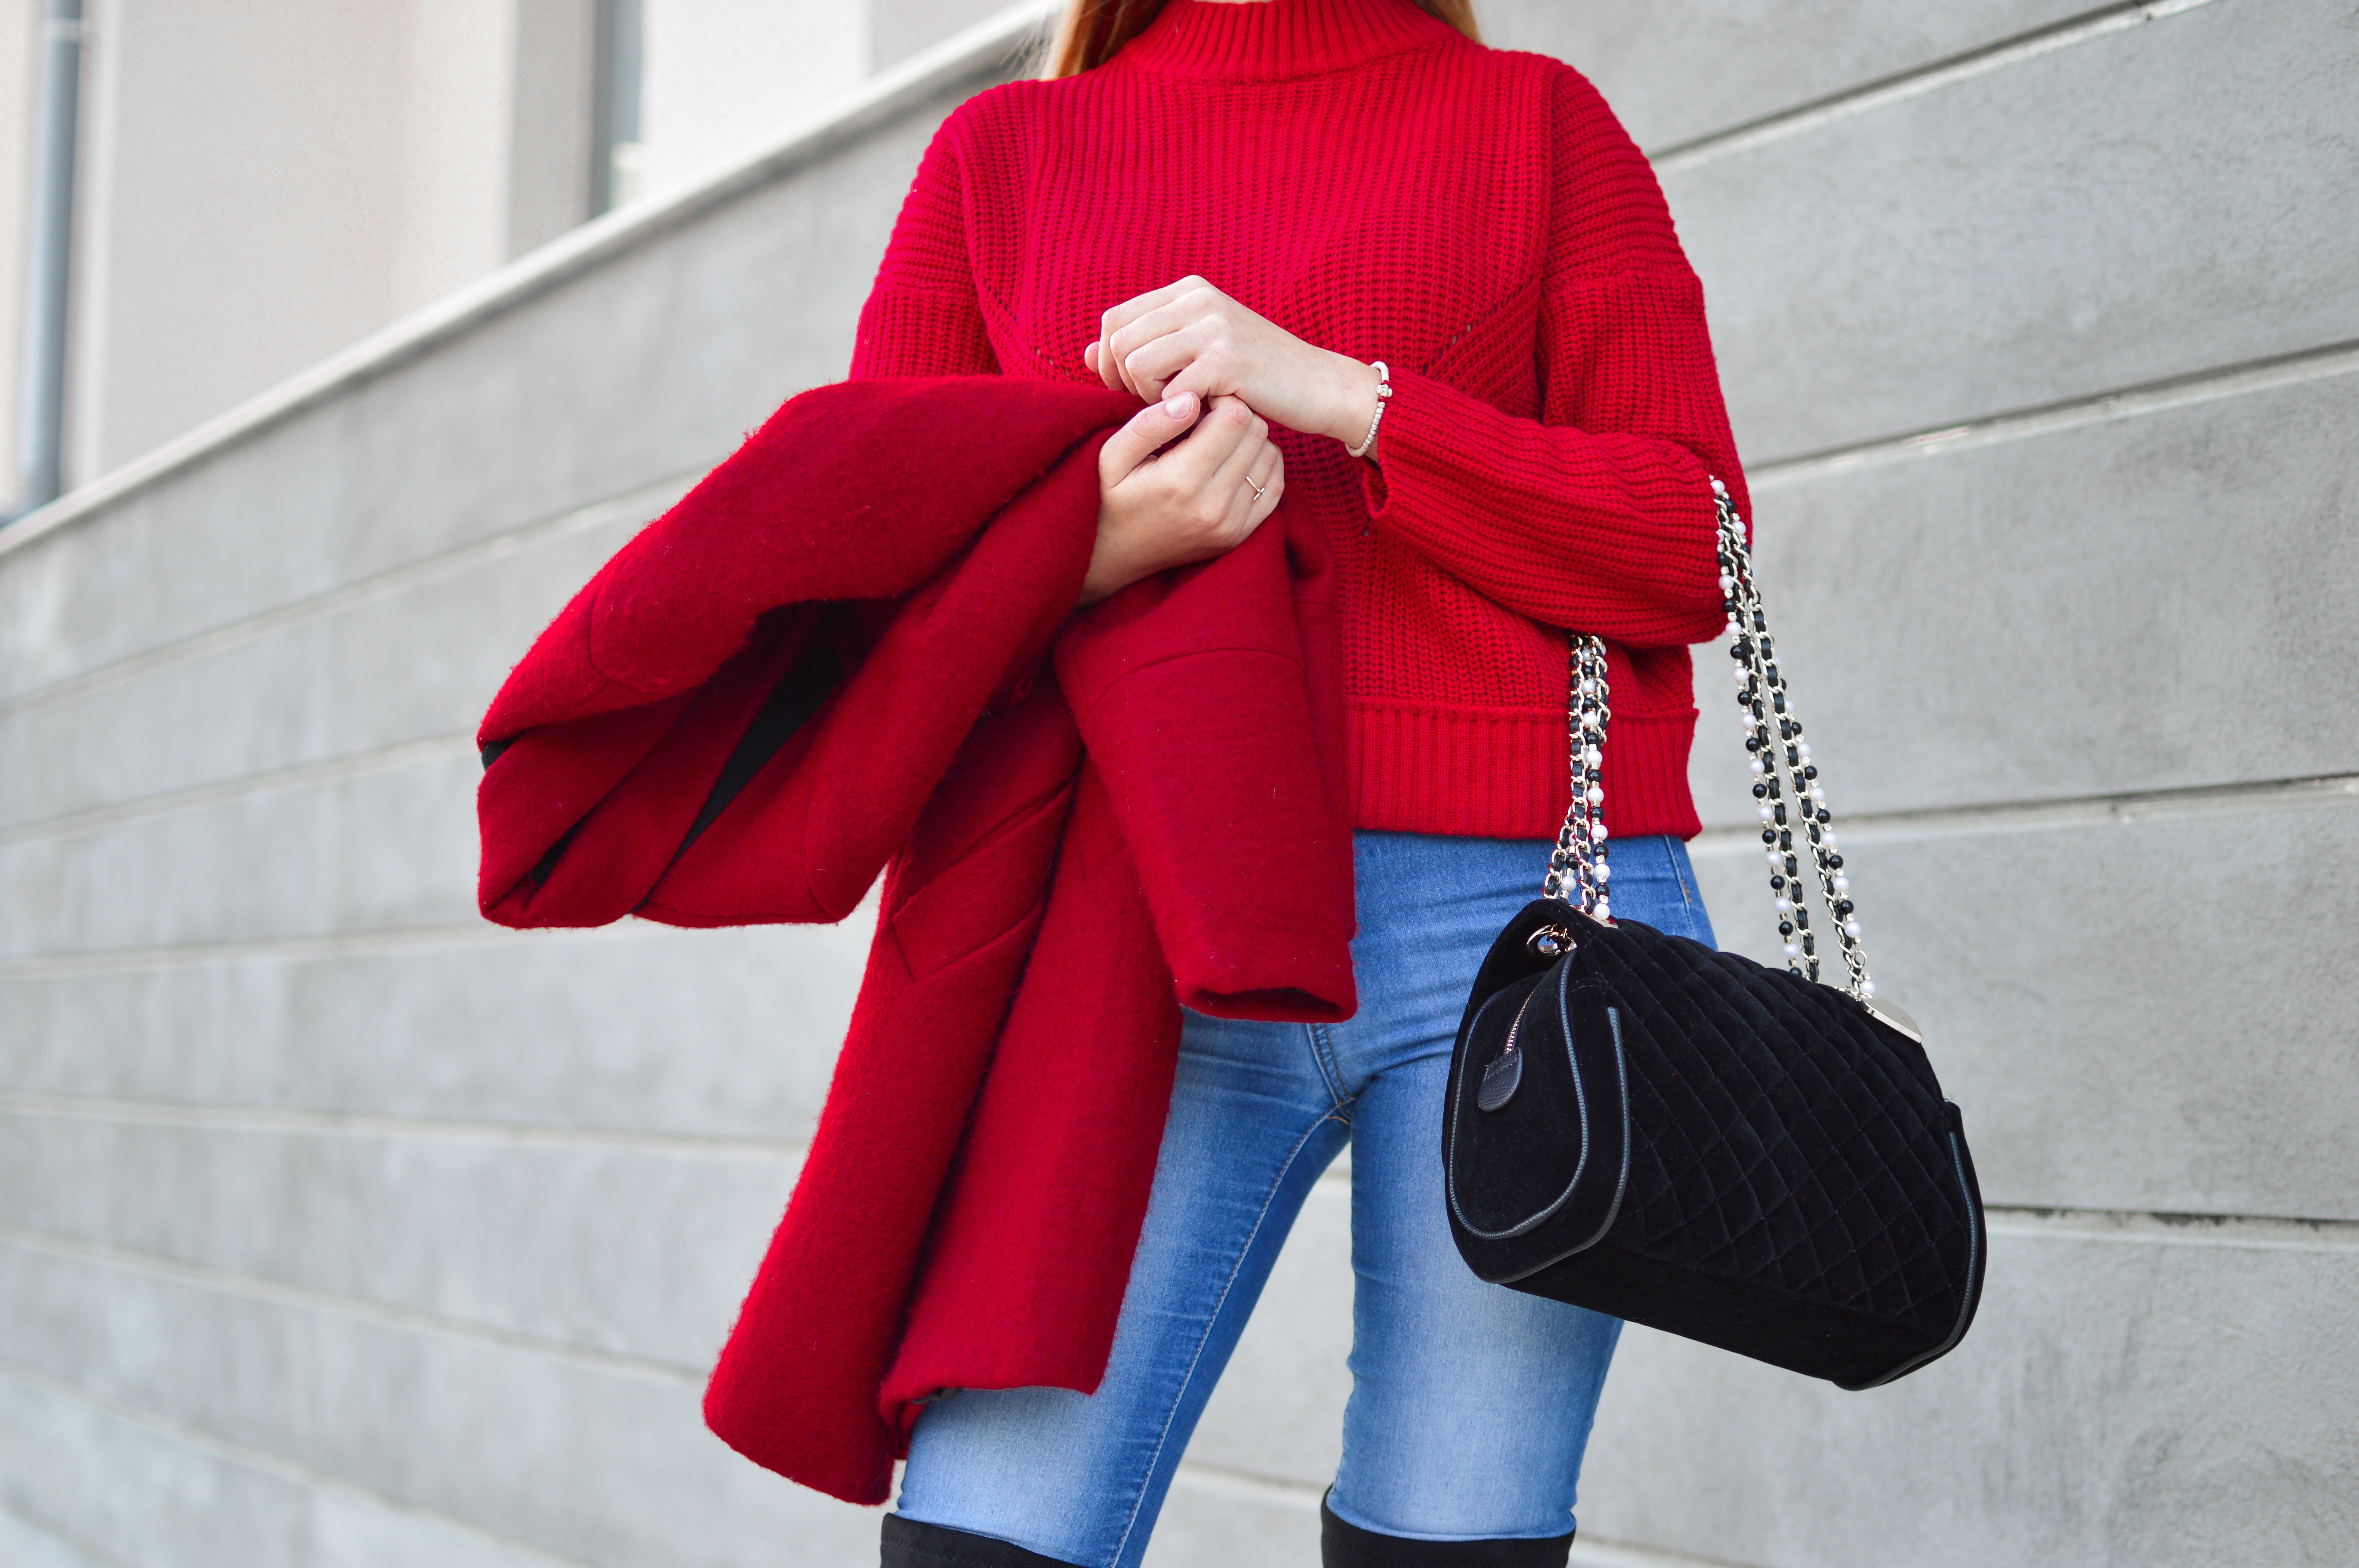 De Kleur Rood : Redenen waarom we van de kleur rood houden carlounge